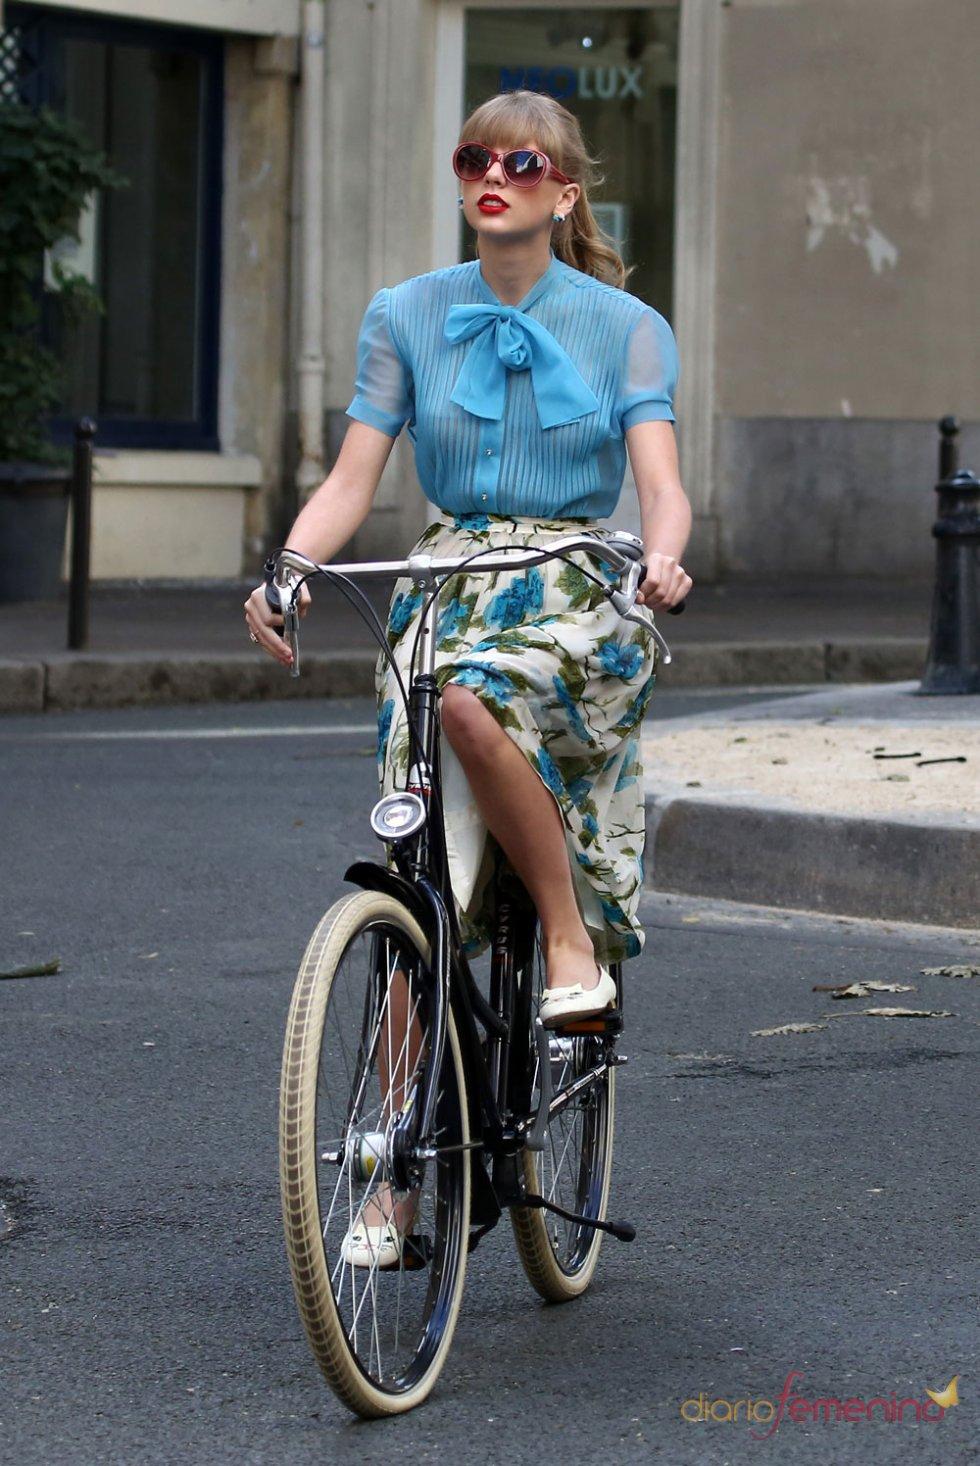 Taylor Swift en bici grabando un videoclip en parís